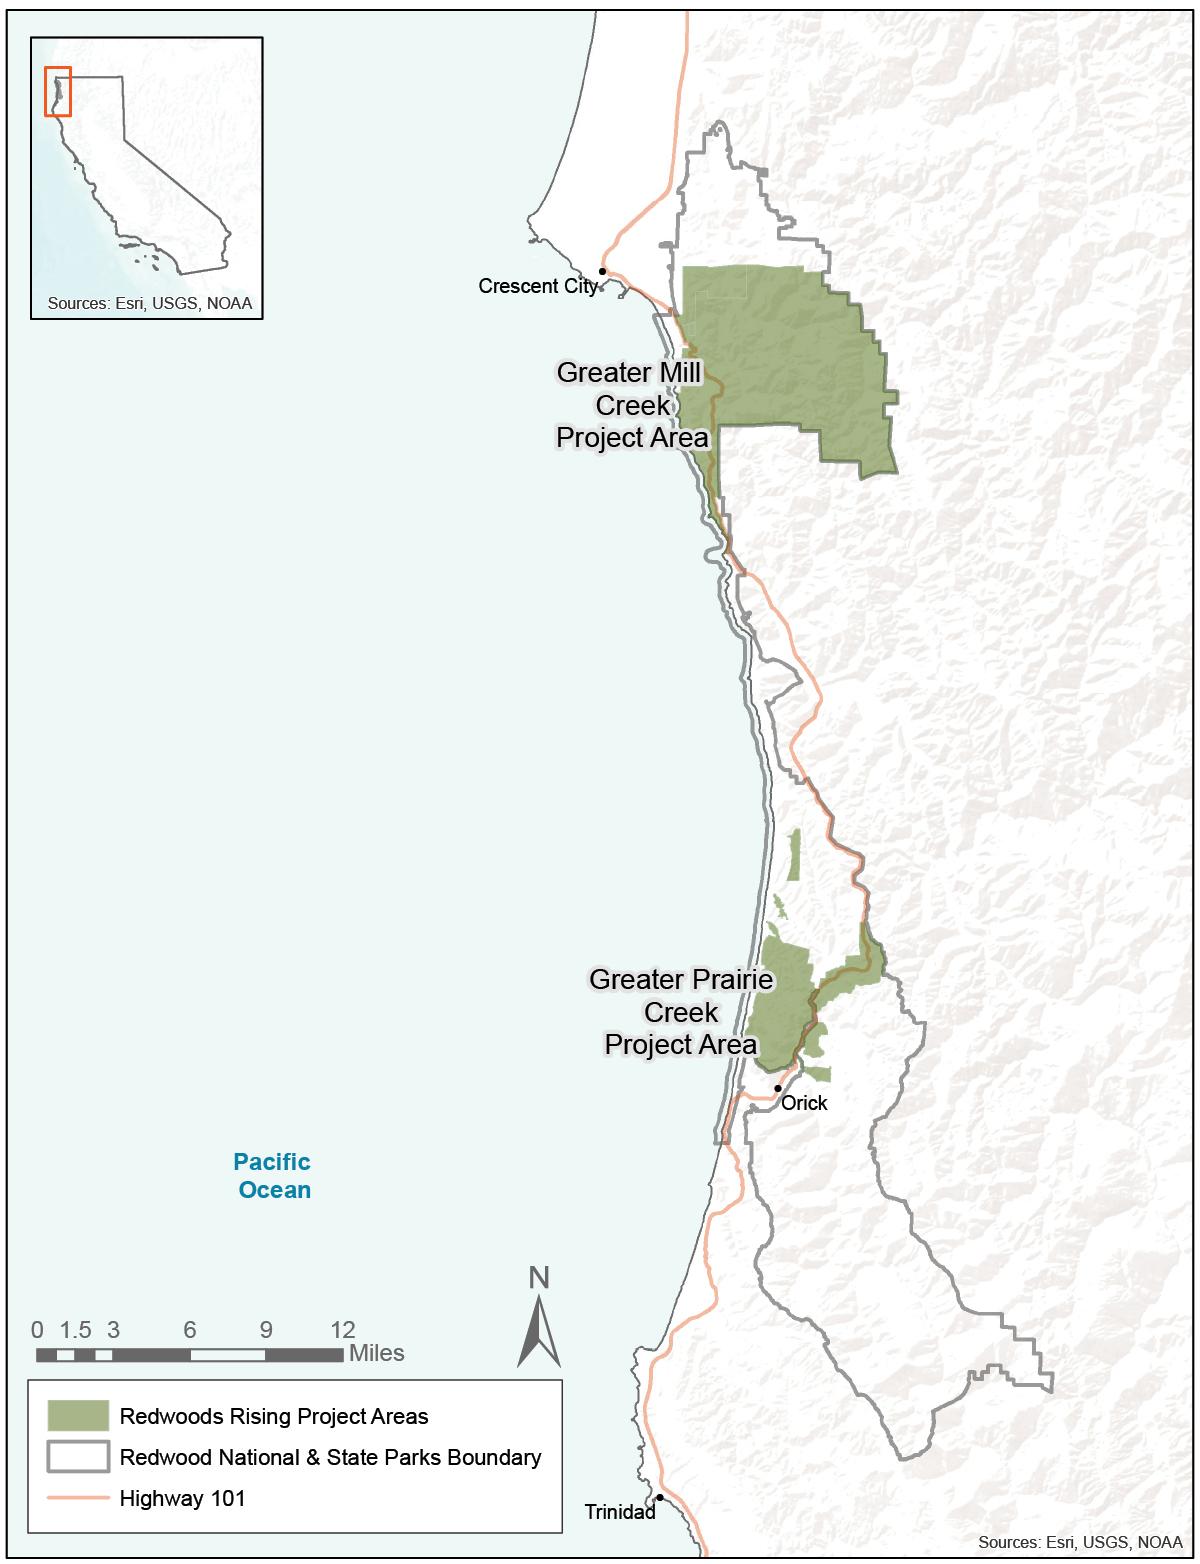 Redwoods Rising main - Redwood National and State Parks ... on redwoods river resort leggett ca, redwood park california map, redwood city map, redwoods california coastal region, redwood highway map, redwood valley map, giant sequoia tree california map, redwoods san francisco, california redwoods vacation map, redwoods humboldt county map, redwoods northern california lodging, sequoia national park california map, redwoods northern california map view, redwoods np map, redwoods campgrounds map, redwood trees california map, redwoods eureka ca, redwoods crescent city ca, humboldt redwoods state park map, redwoods in central california,